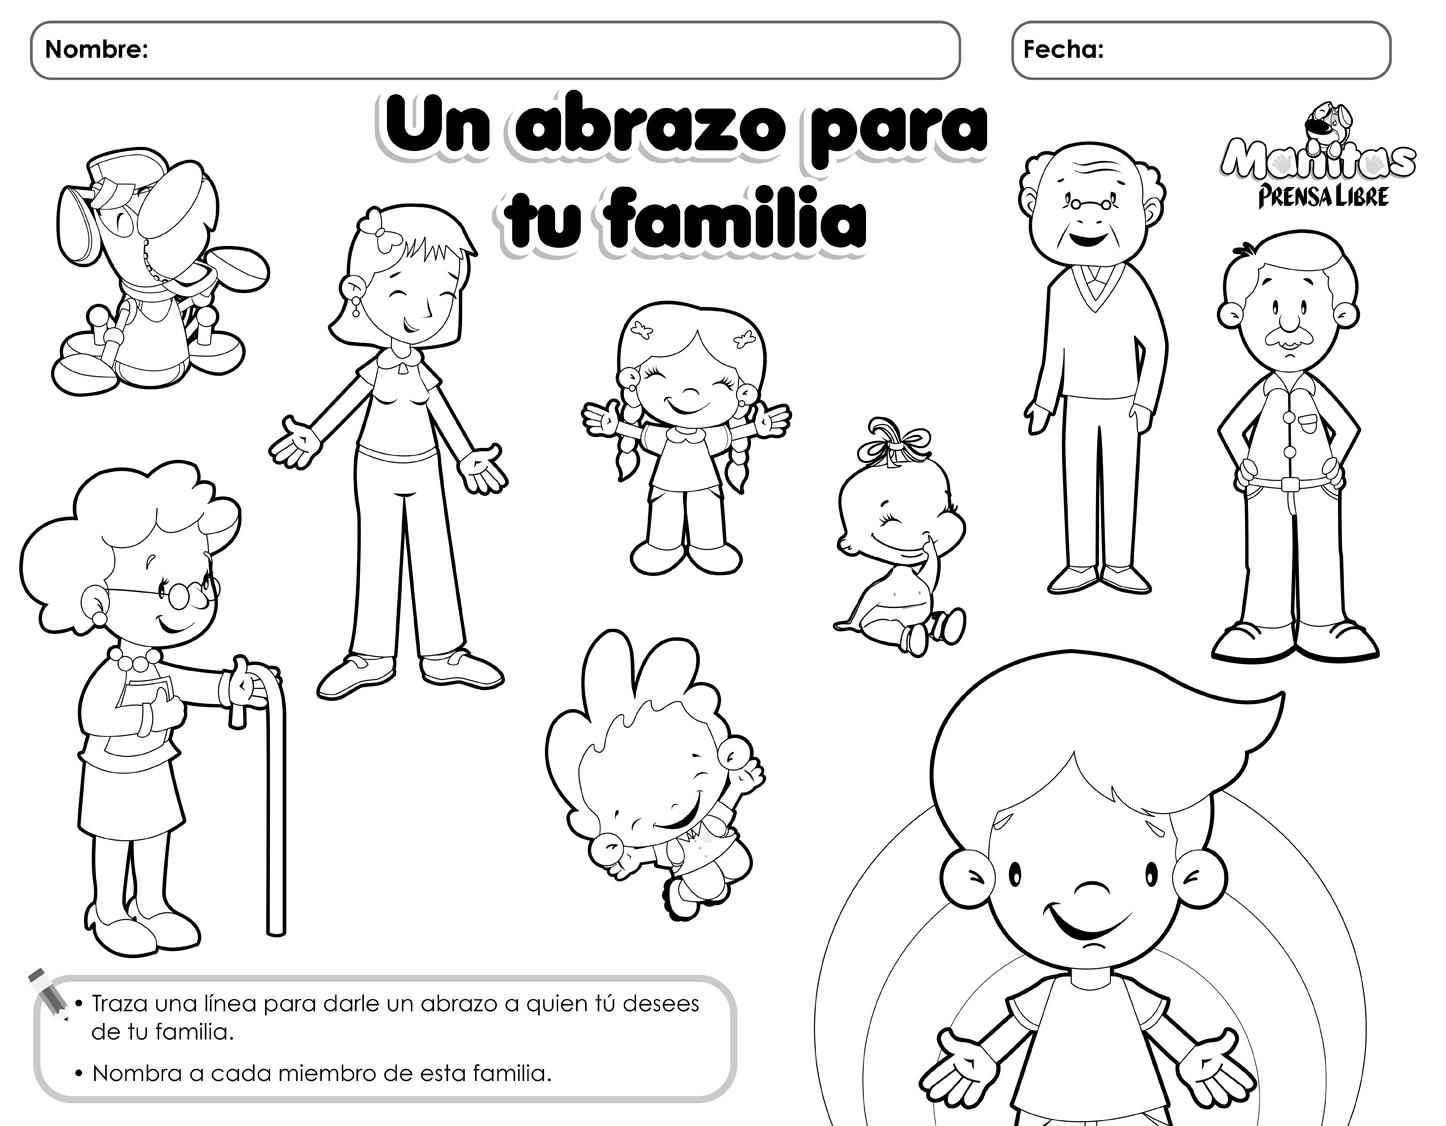 .com/dibujos-para-colorear-en-el-dia-de-la-familia/copos-nieve-3